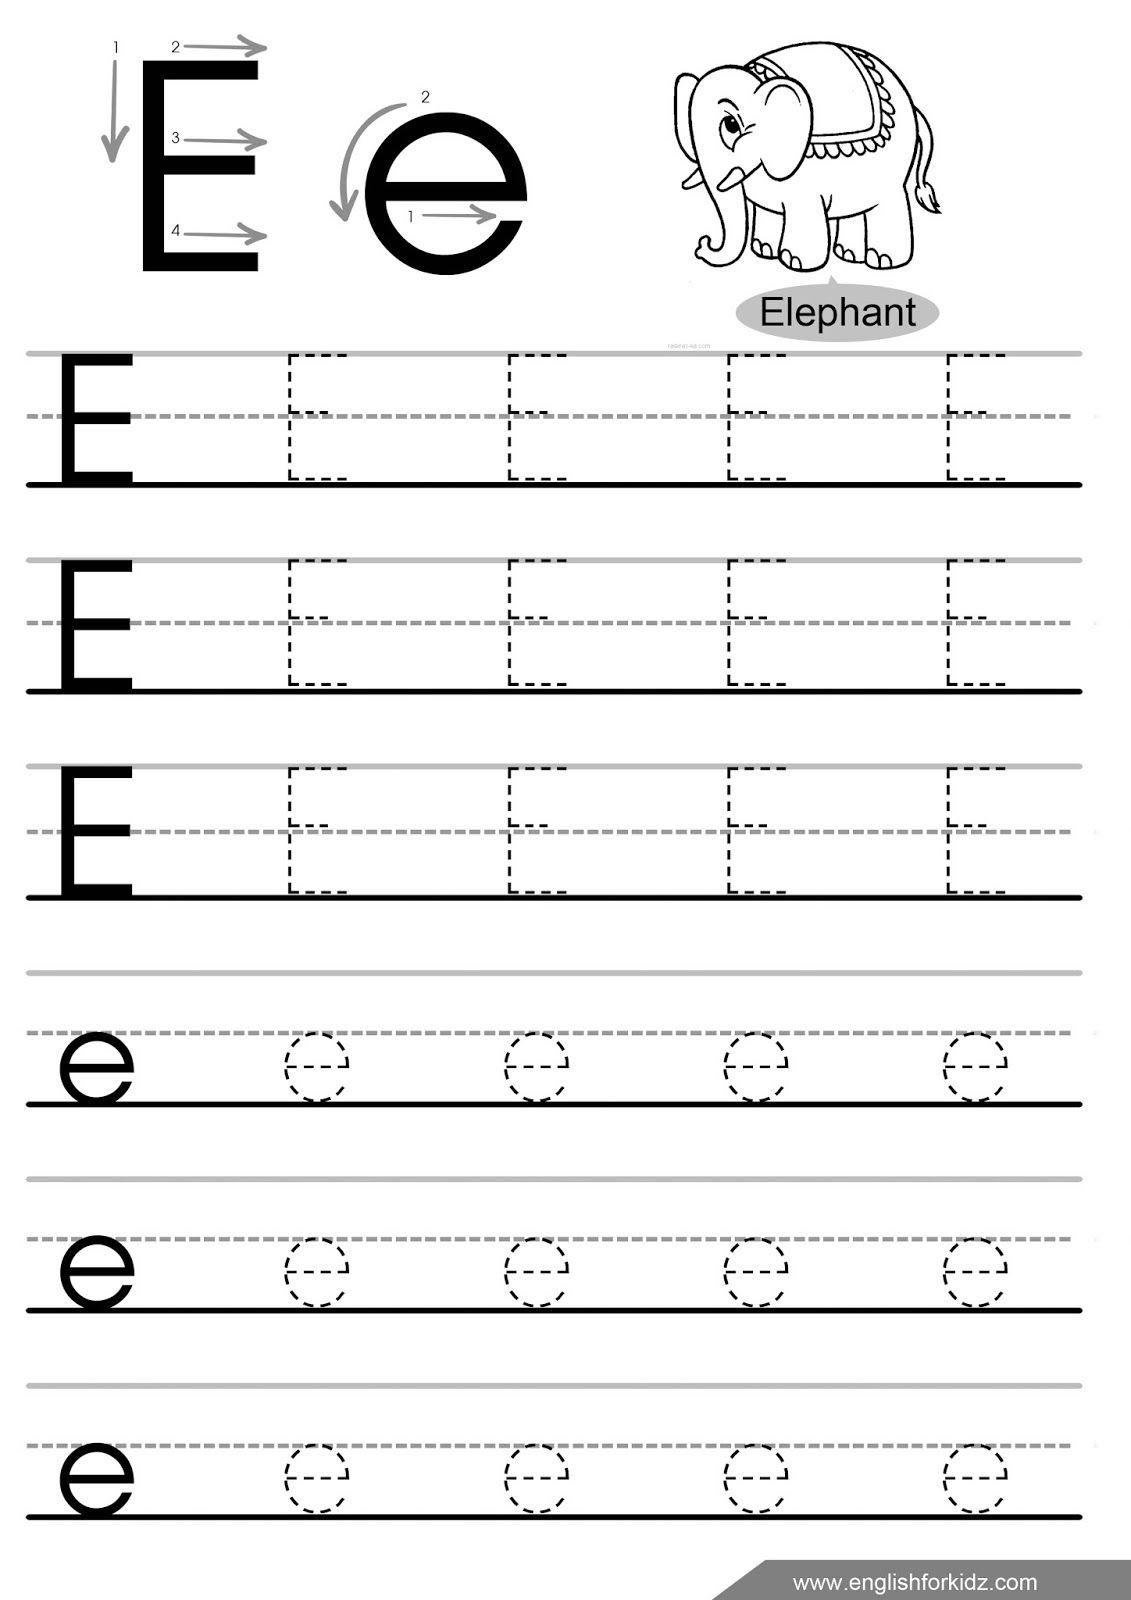 Letter Tracing Worksheets Letters A J   Letter Tracing intended for Letter E Tracing Sheets